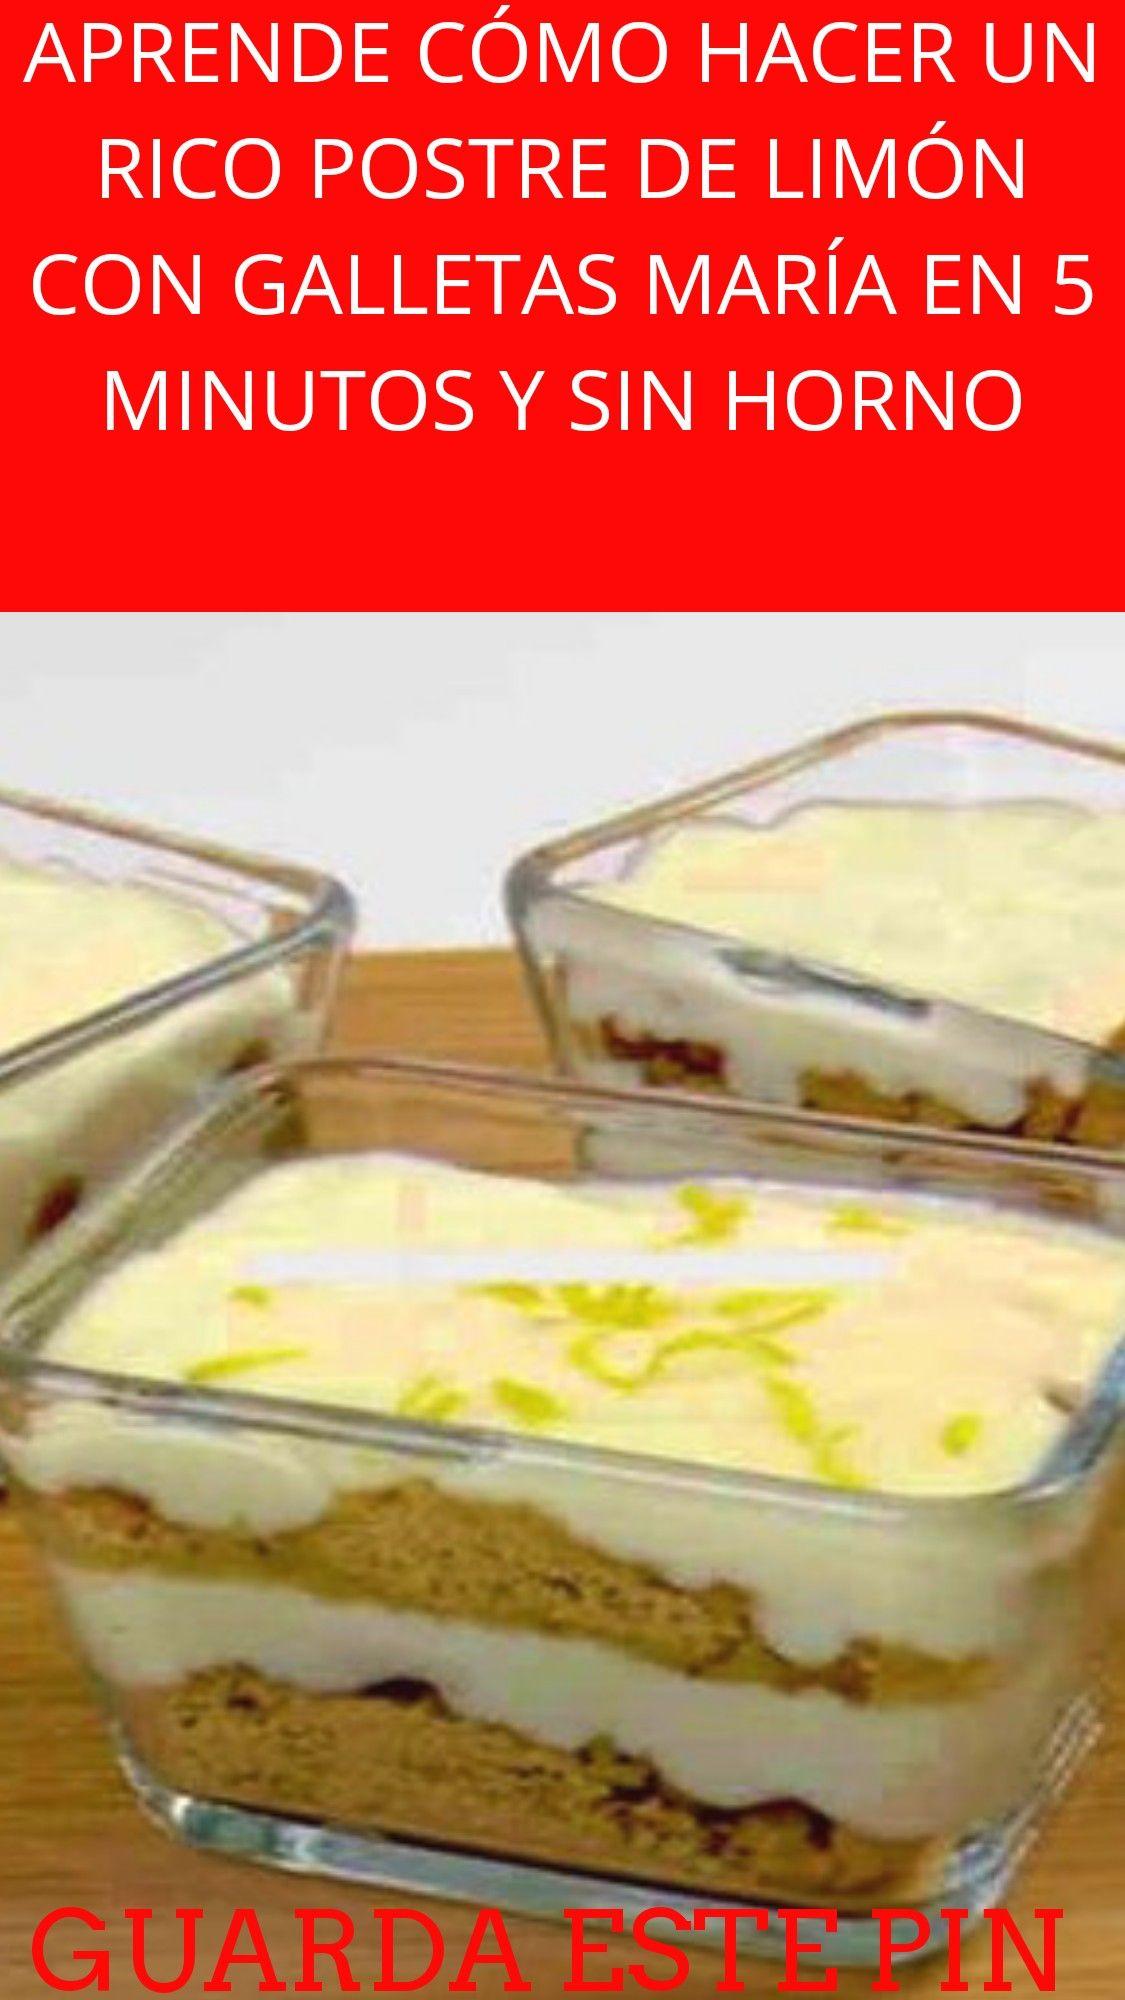 Aprende Cómo Hacer Un Rico Postre De Limón Con Galletas María En 5 Minutos Y Sin Horno Salud Natural Adelgazar Cura Trucosdeb Food And Drink Food Desserts